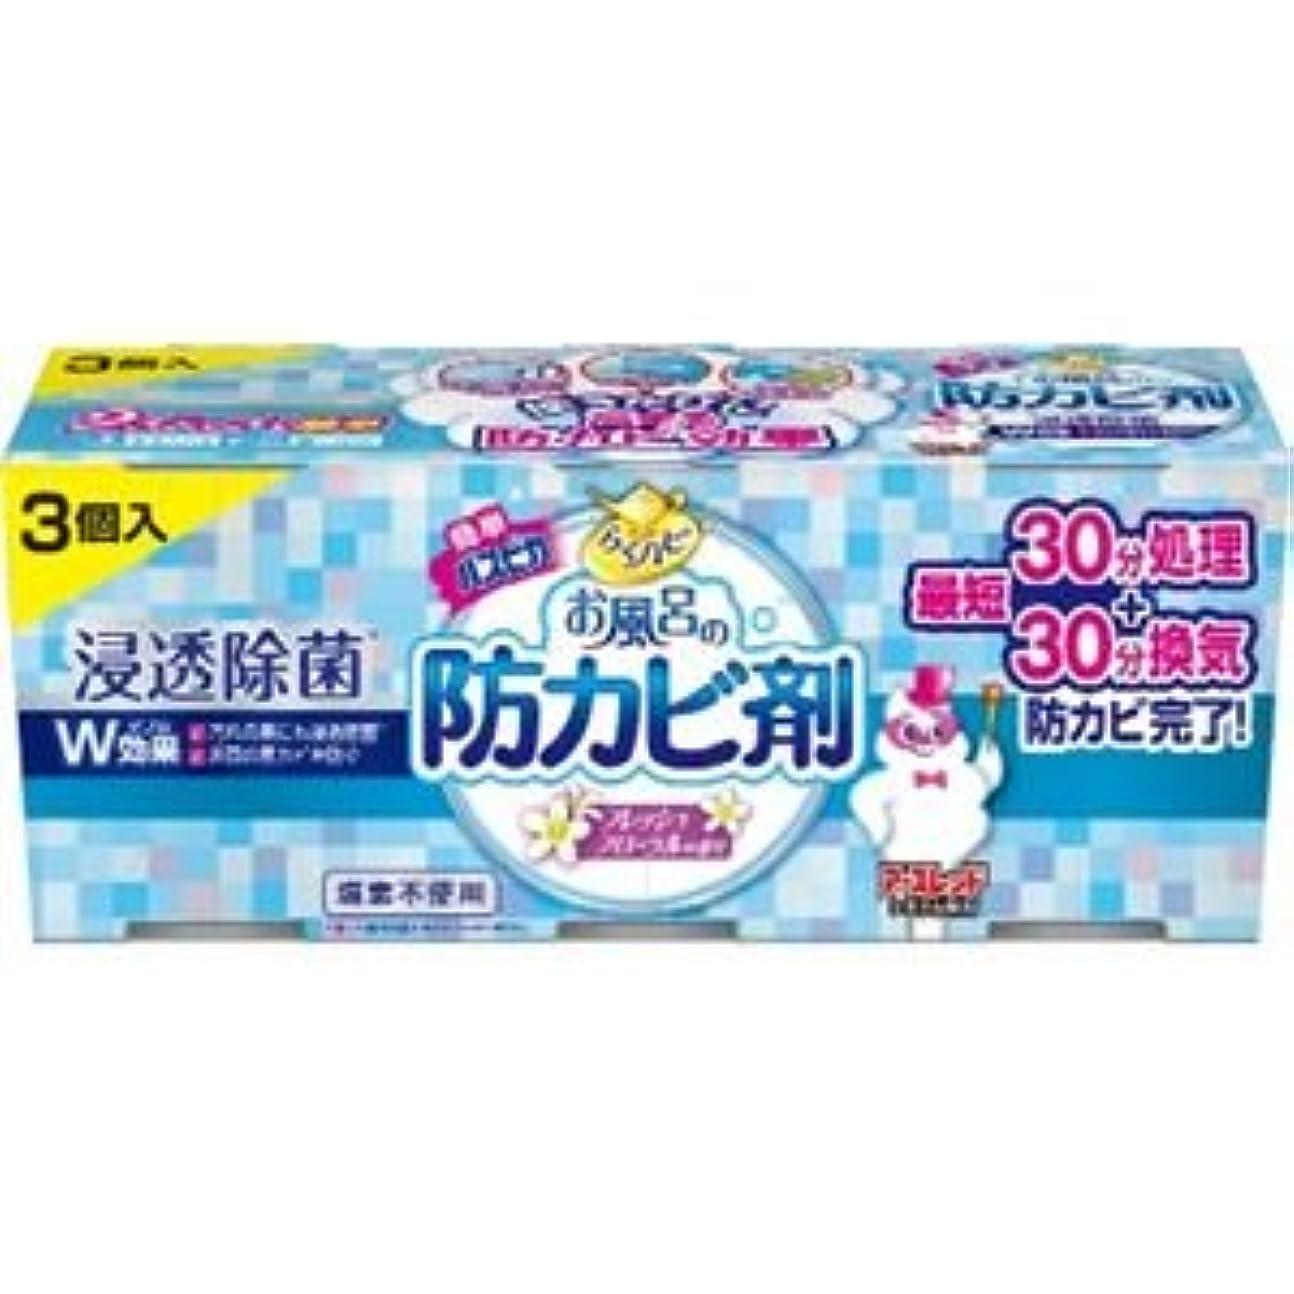 平らなリップ同一の(まとめ)アース製薬 らくハピお風呂の防カビ剤フローラル3個パック 【×3点セット】